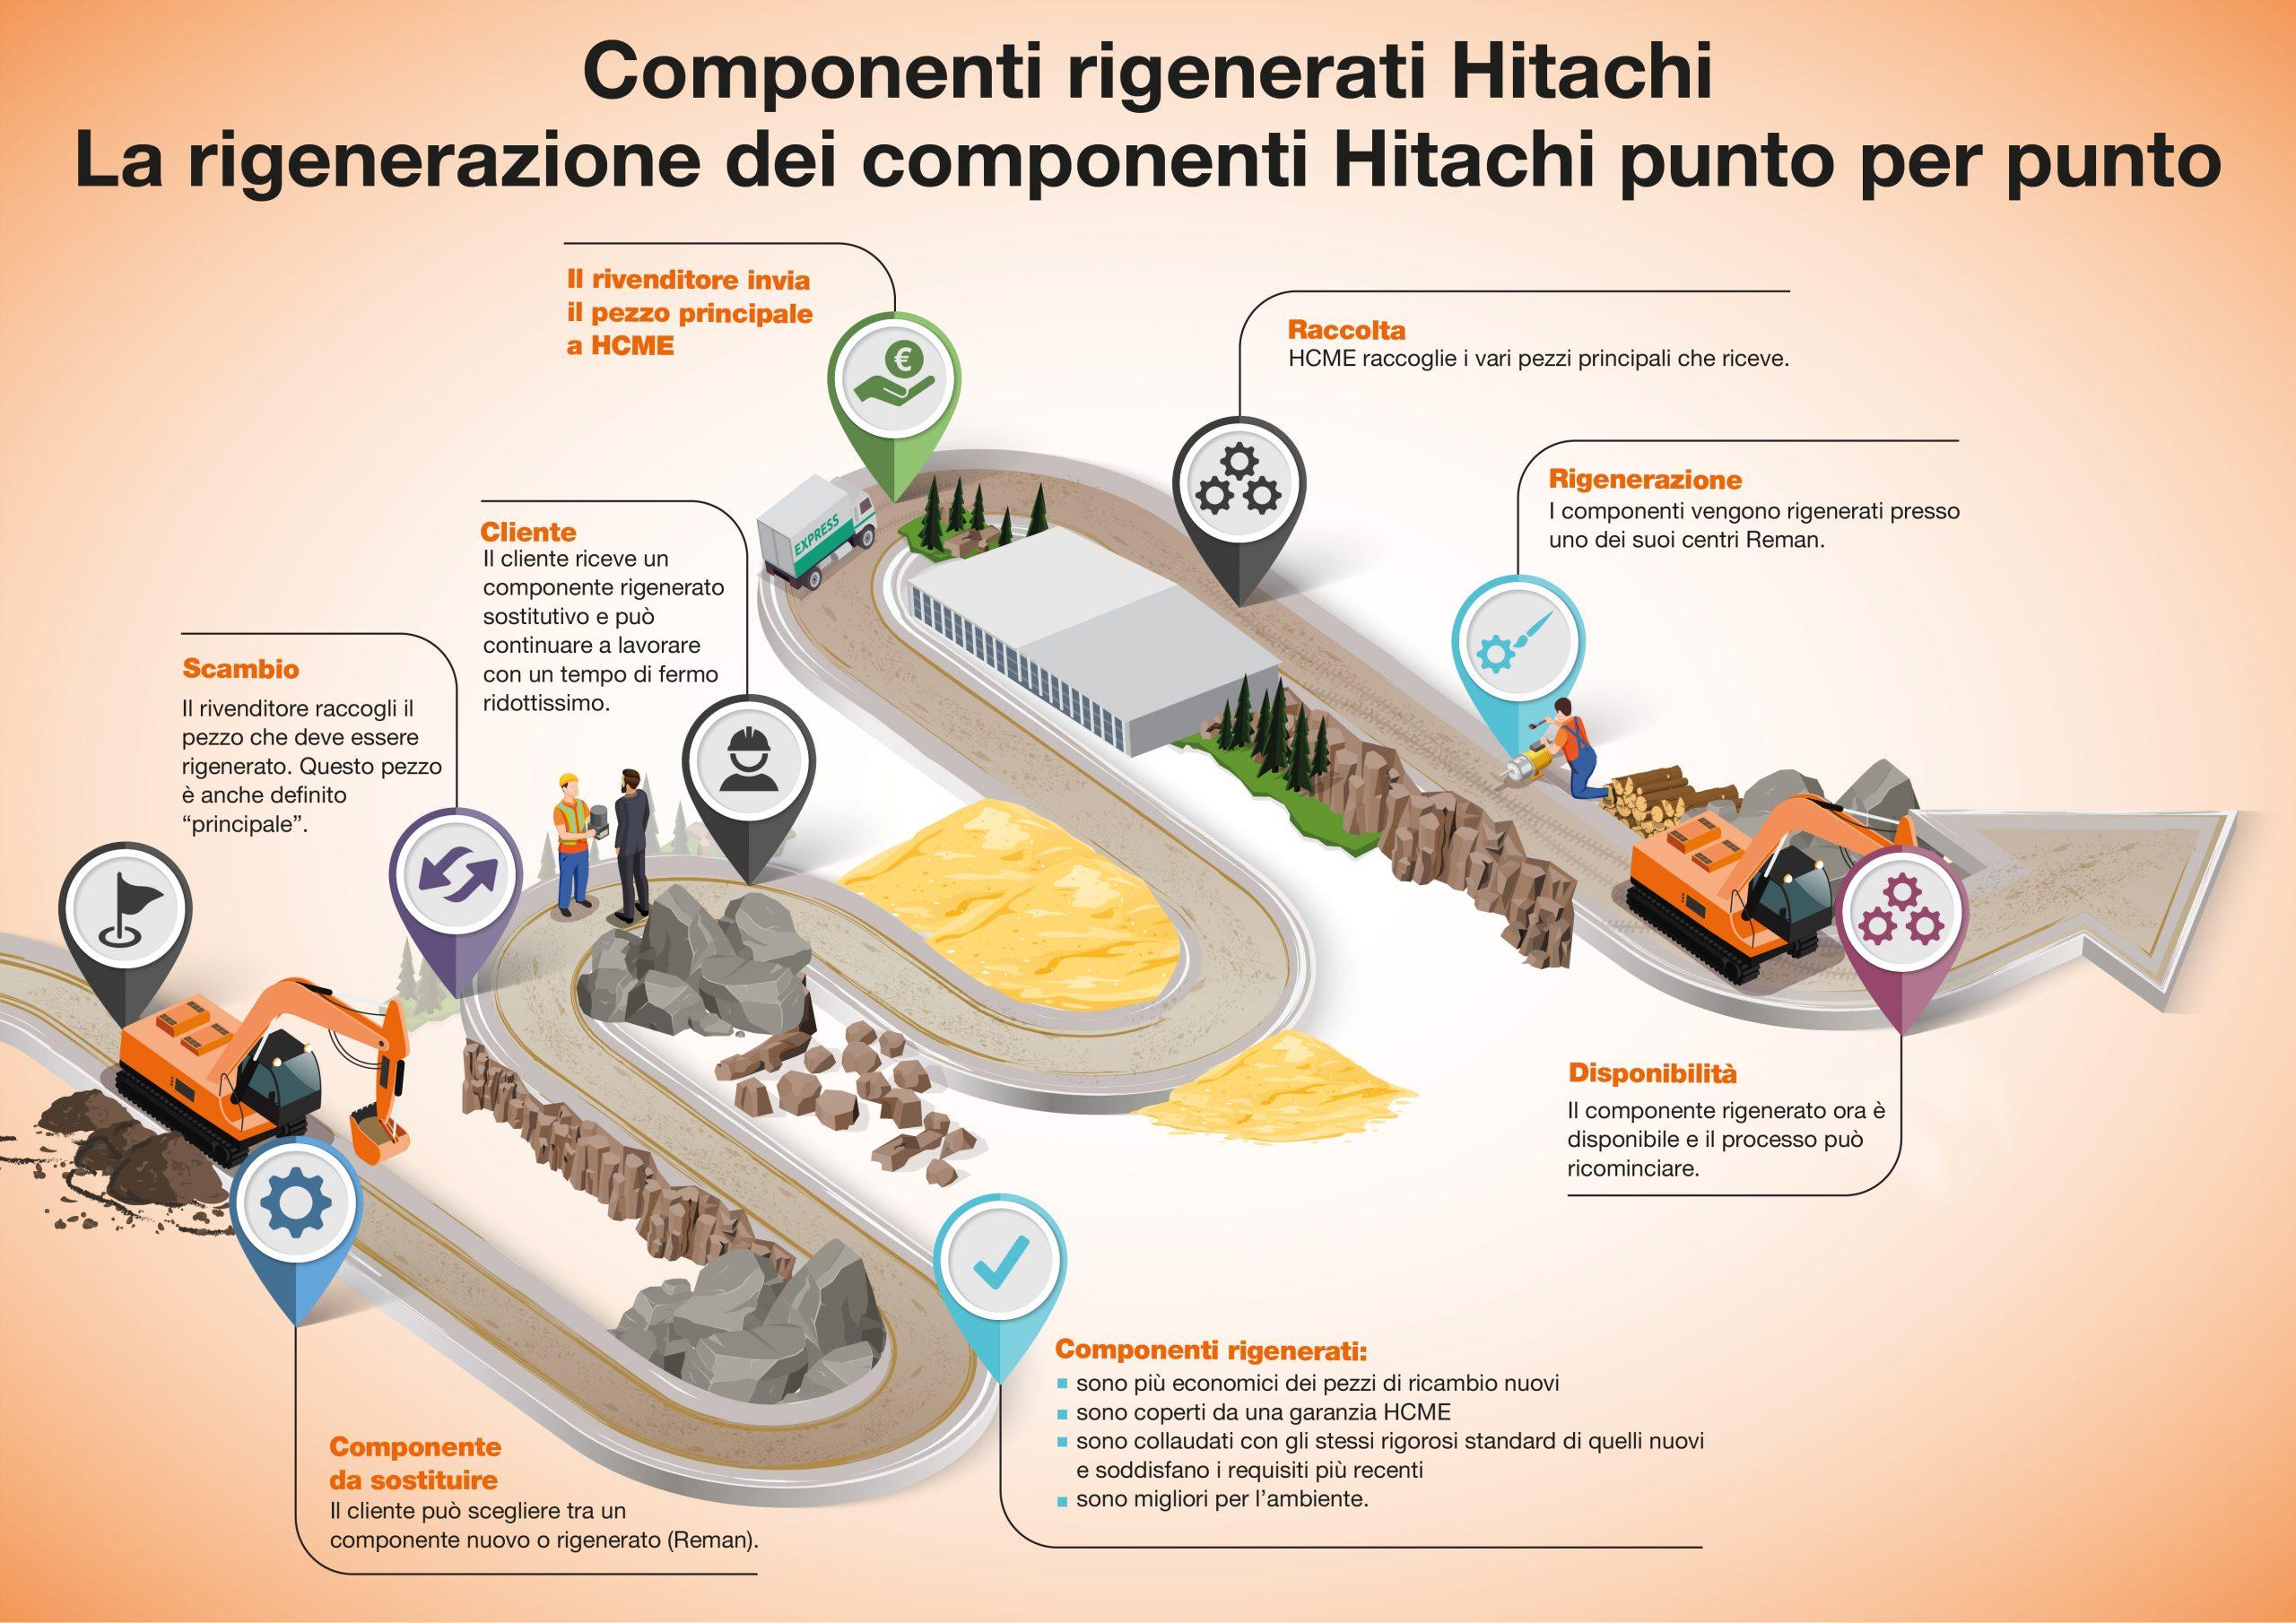 La rigenerazione dei componenti Hitachi punto per punto